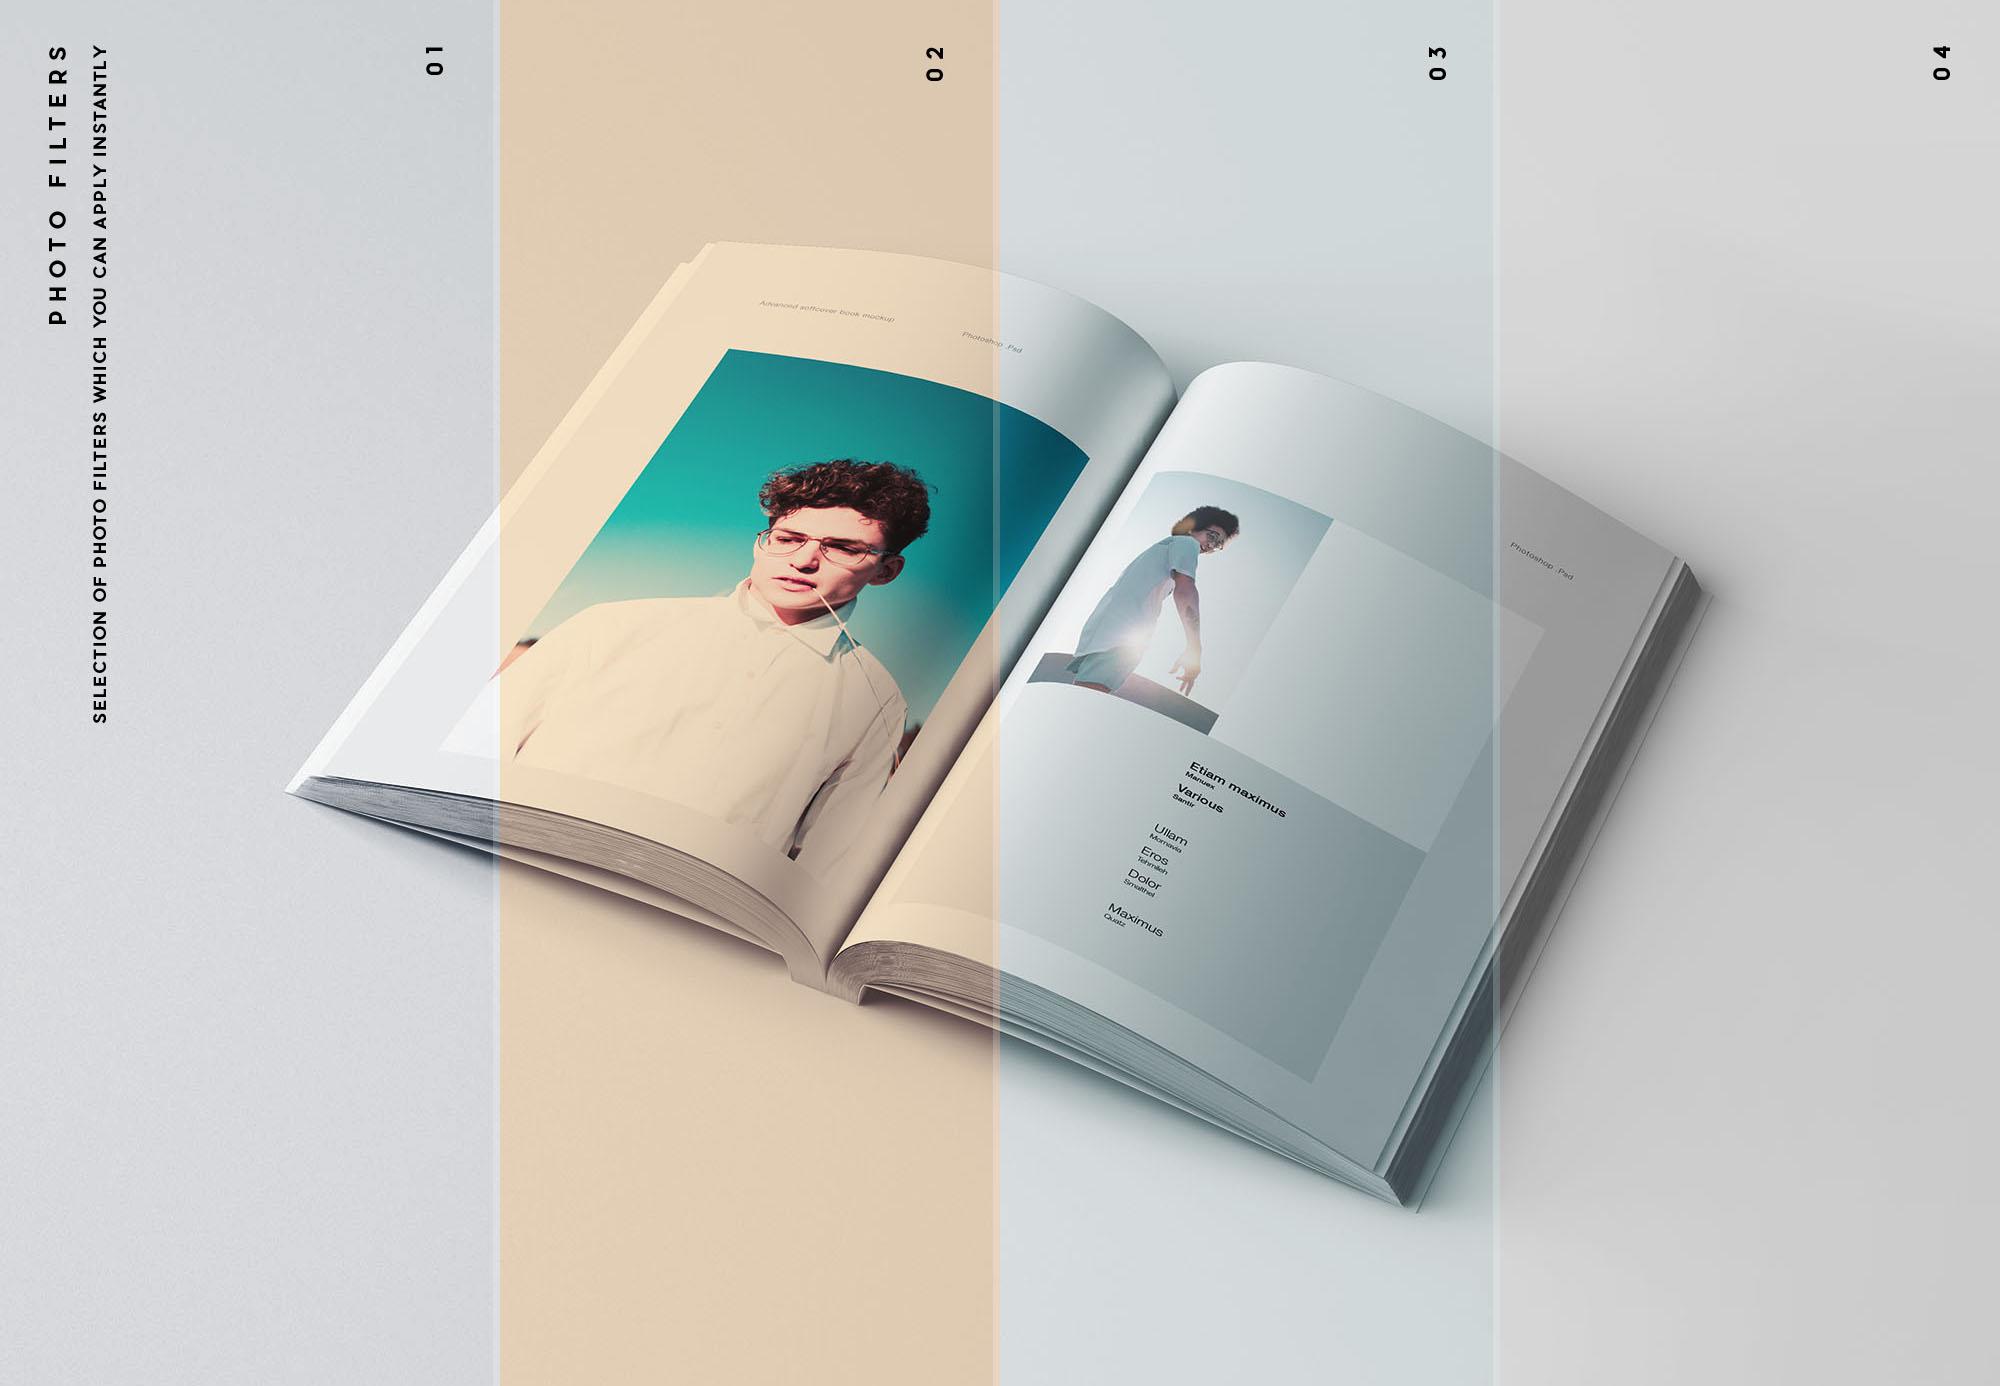 专业设计的A5平装书画册样机PSD模板 A5 Softcover Book Mockup插图(7)